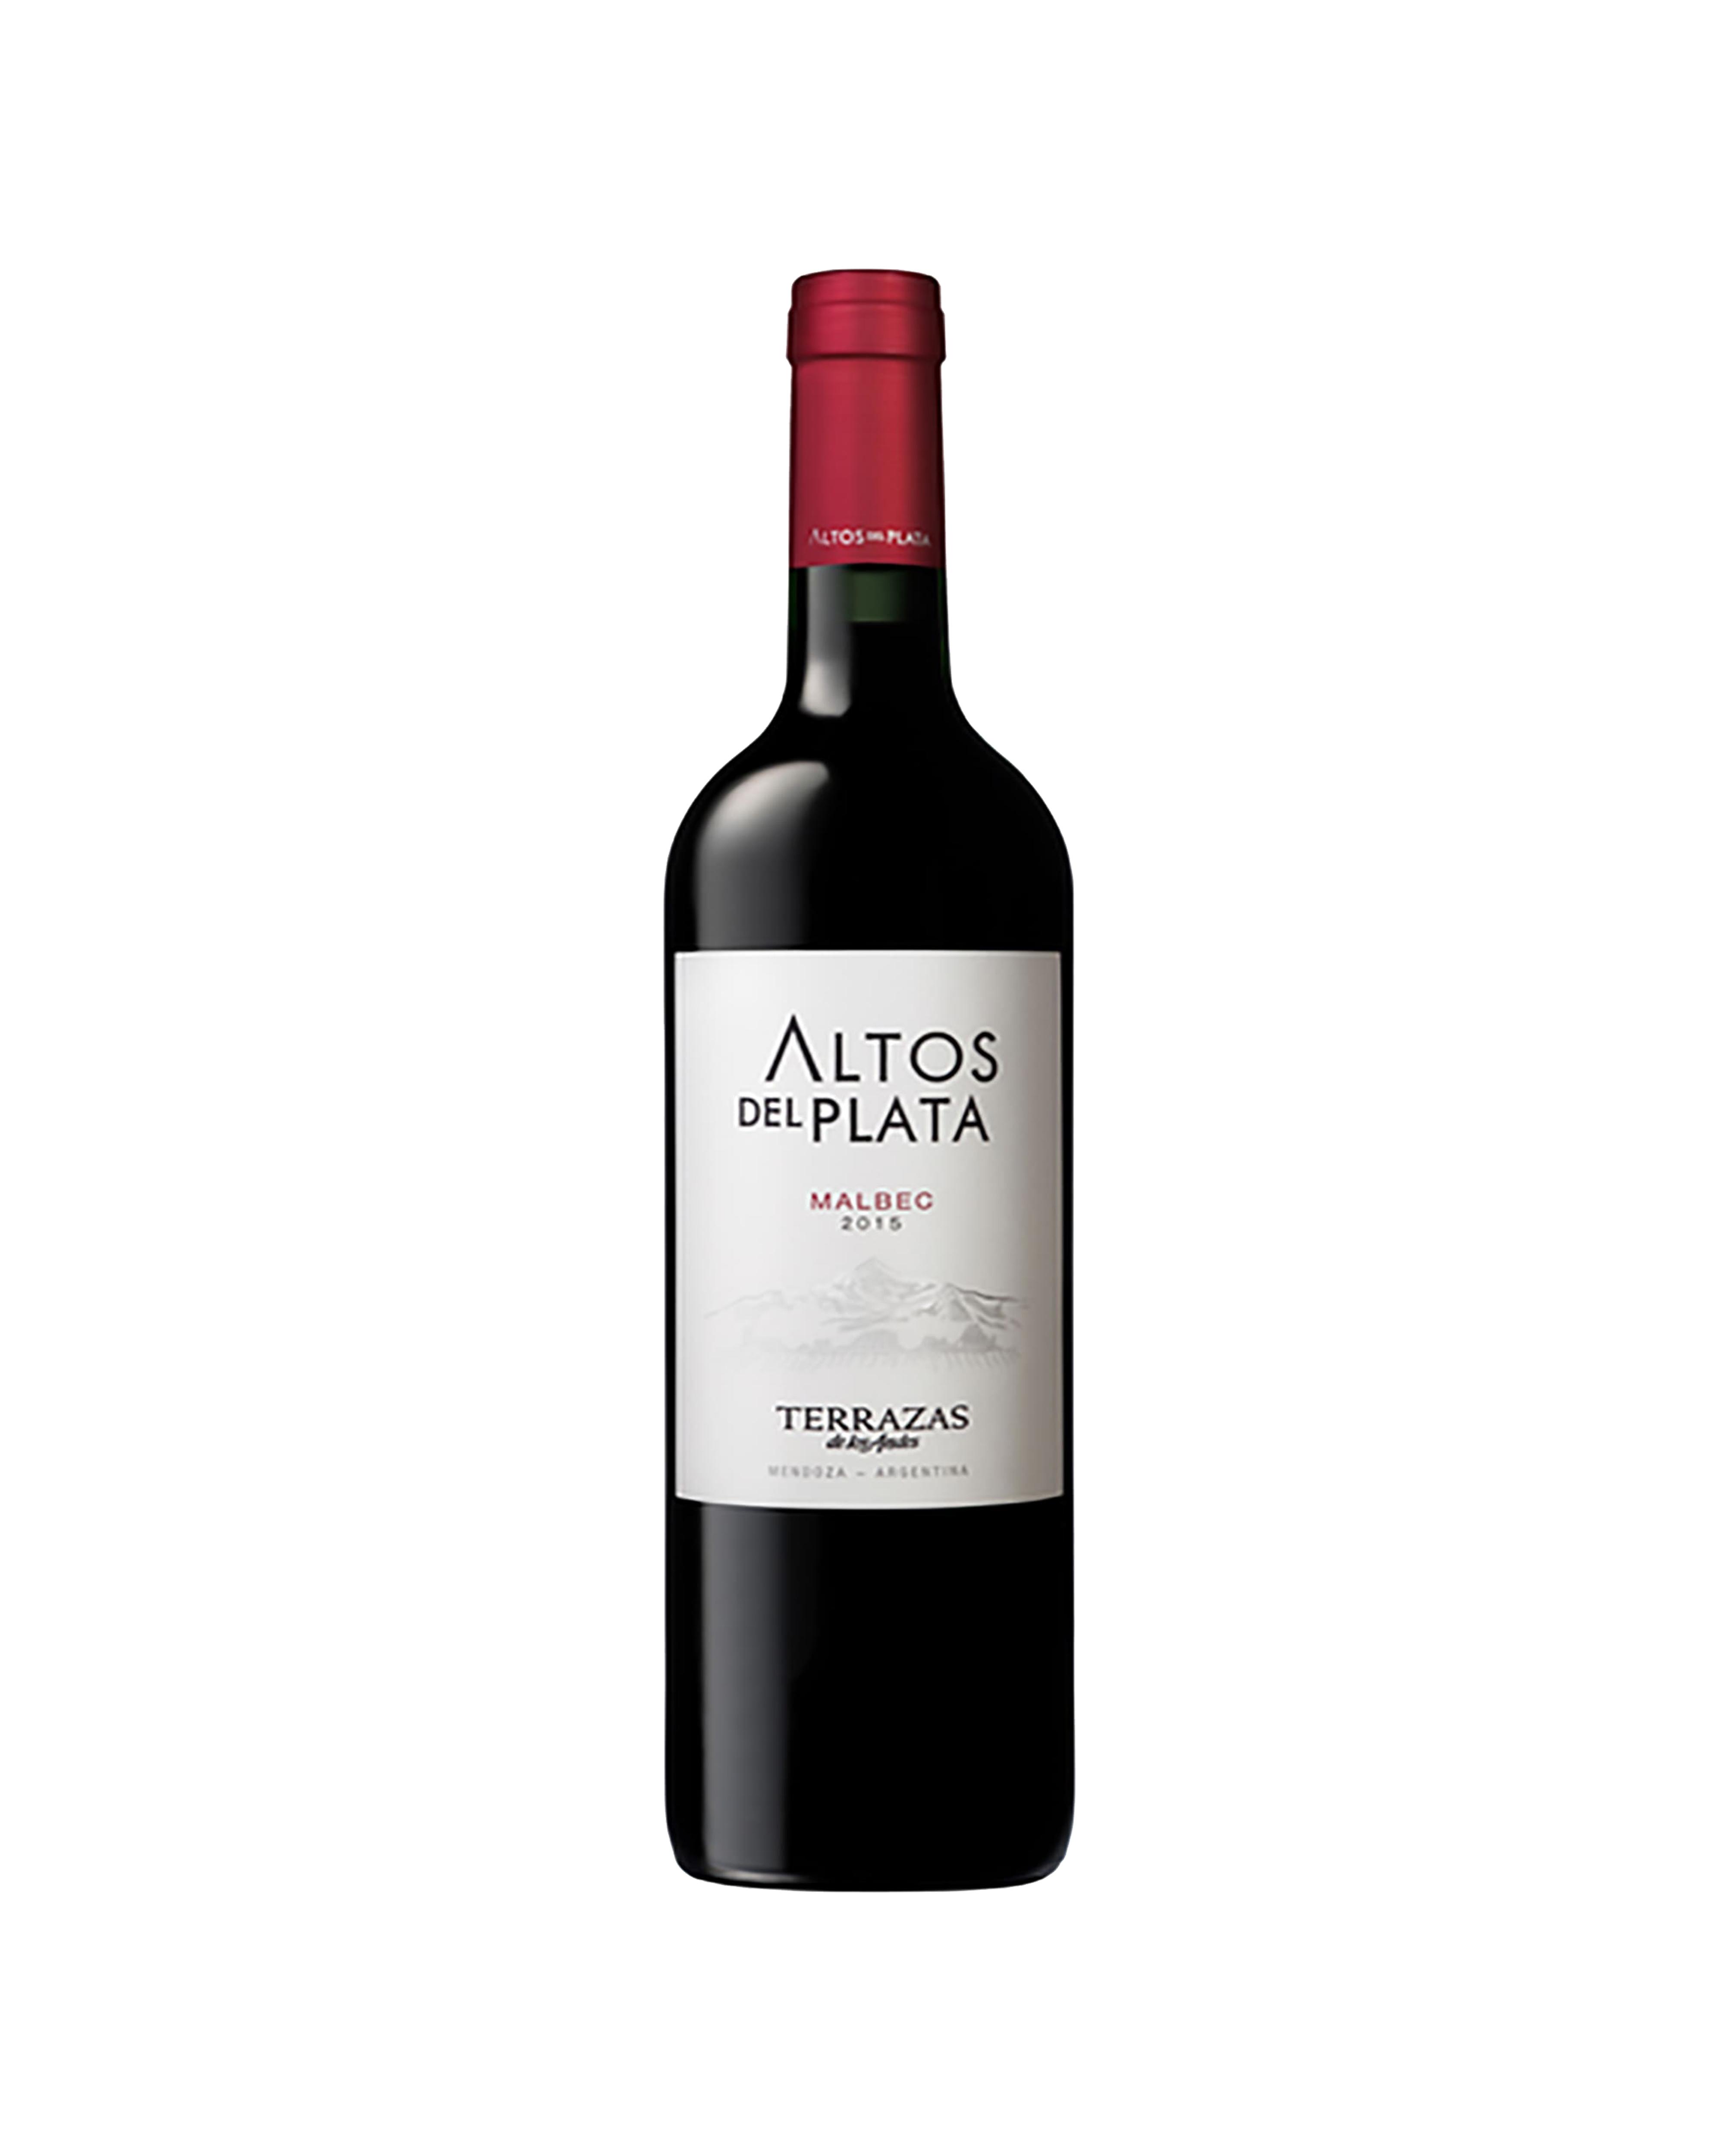 Terrazas De Los Andes Malbec Altos Del Plata Aries Fine Wine Spirits